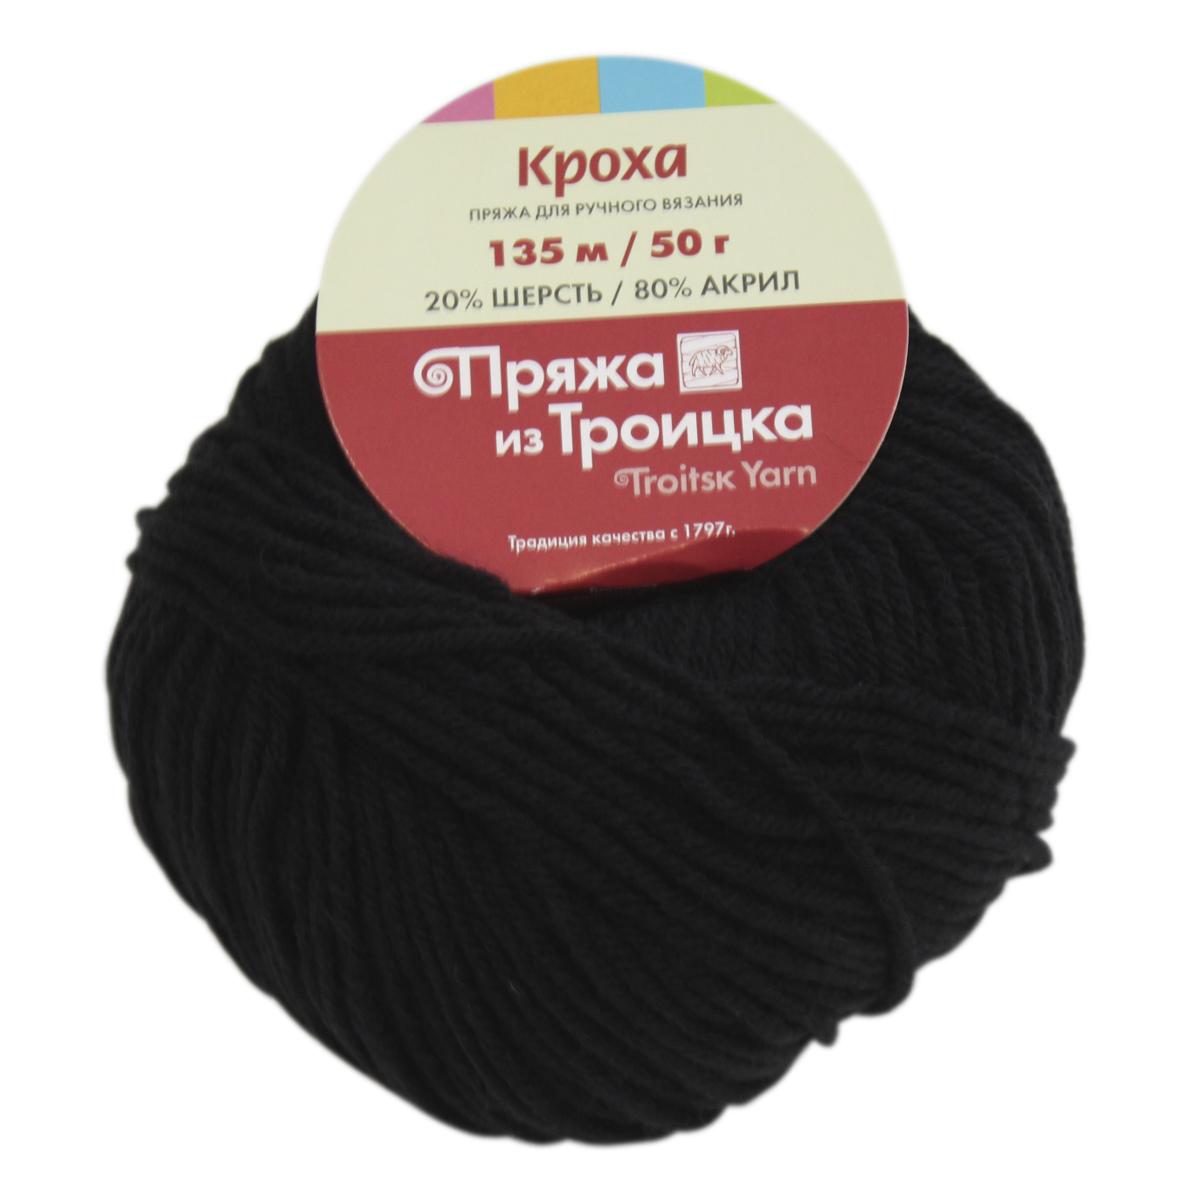 """Пряжа для вязания """"Кроха"""", цвет: черный (0140), 135 м, 50 г, 10 шт"""